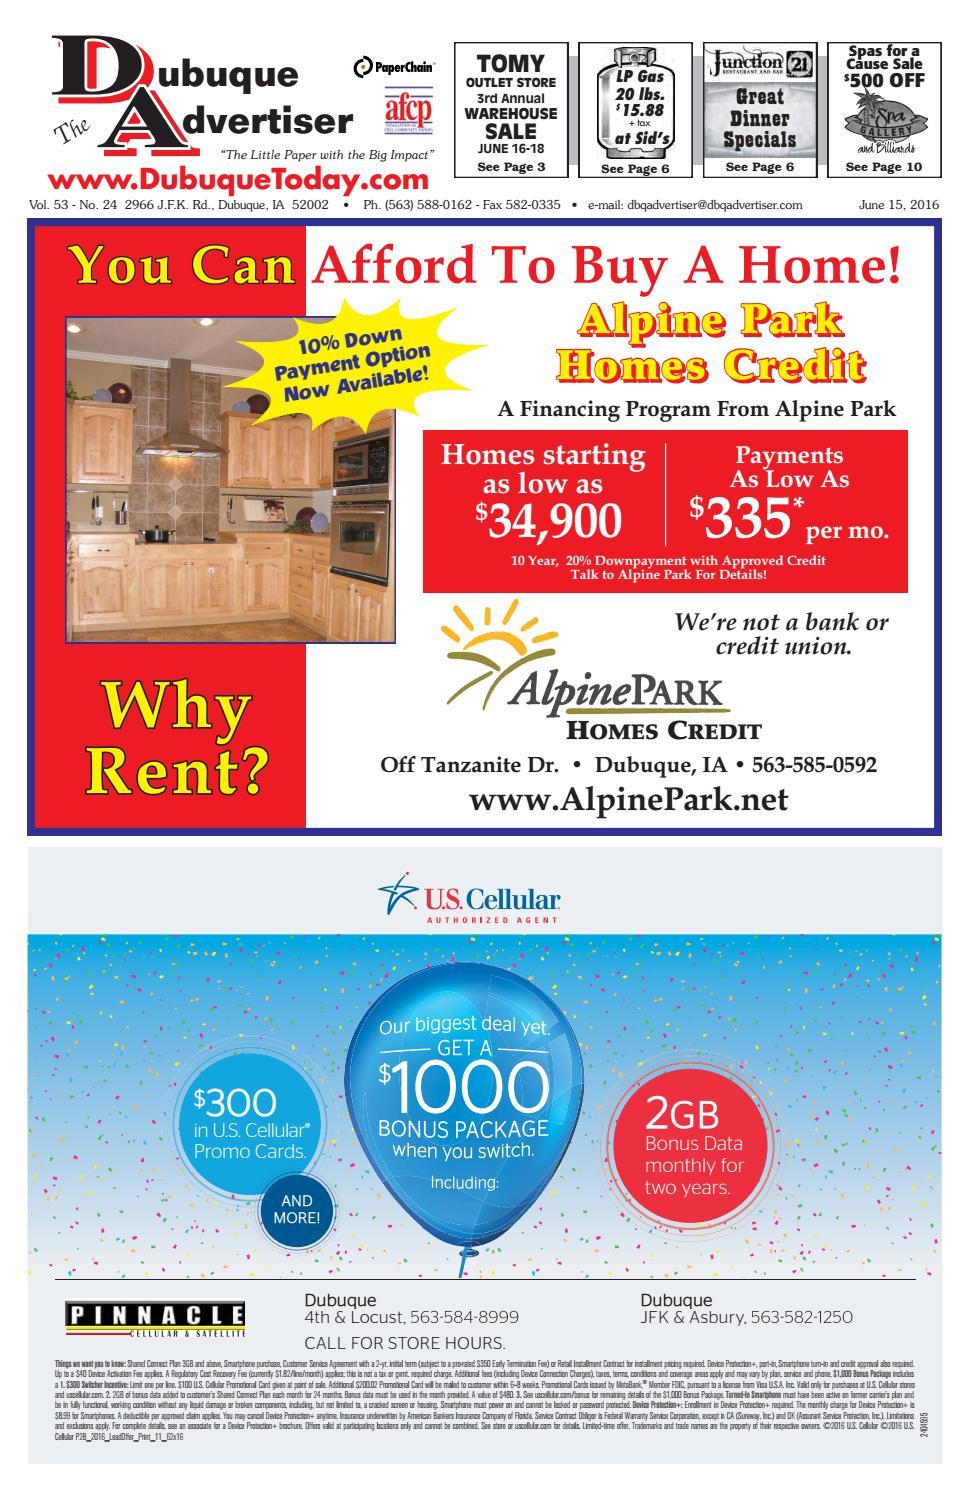 267d9c5d96c The Dubuque Advertiser June 15